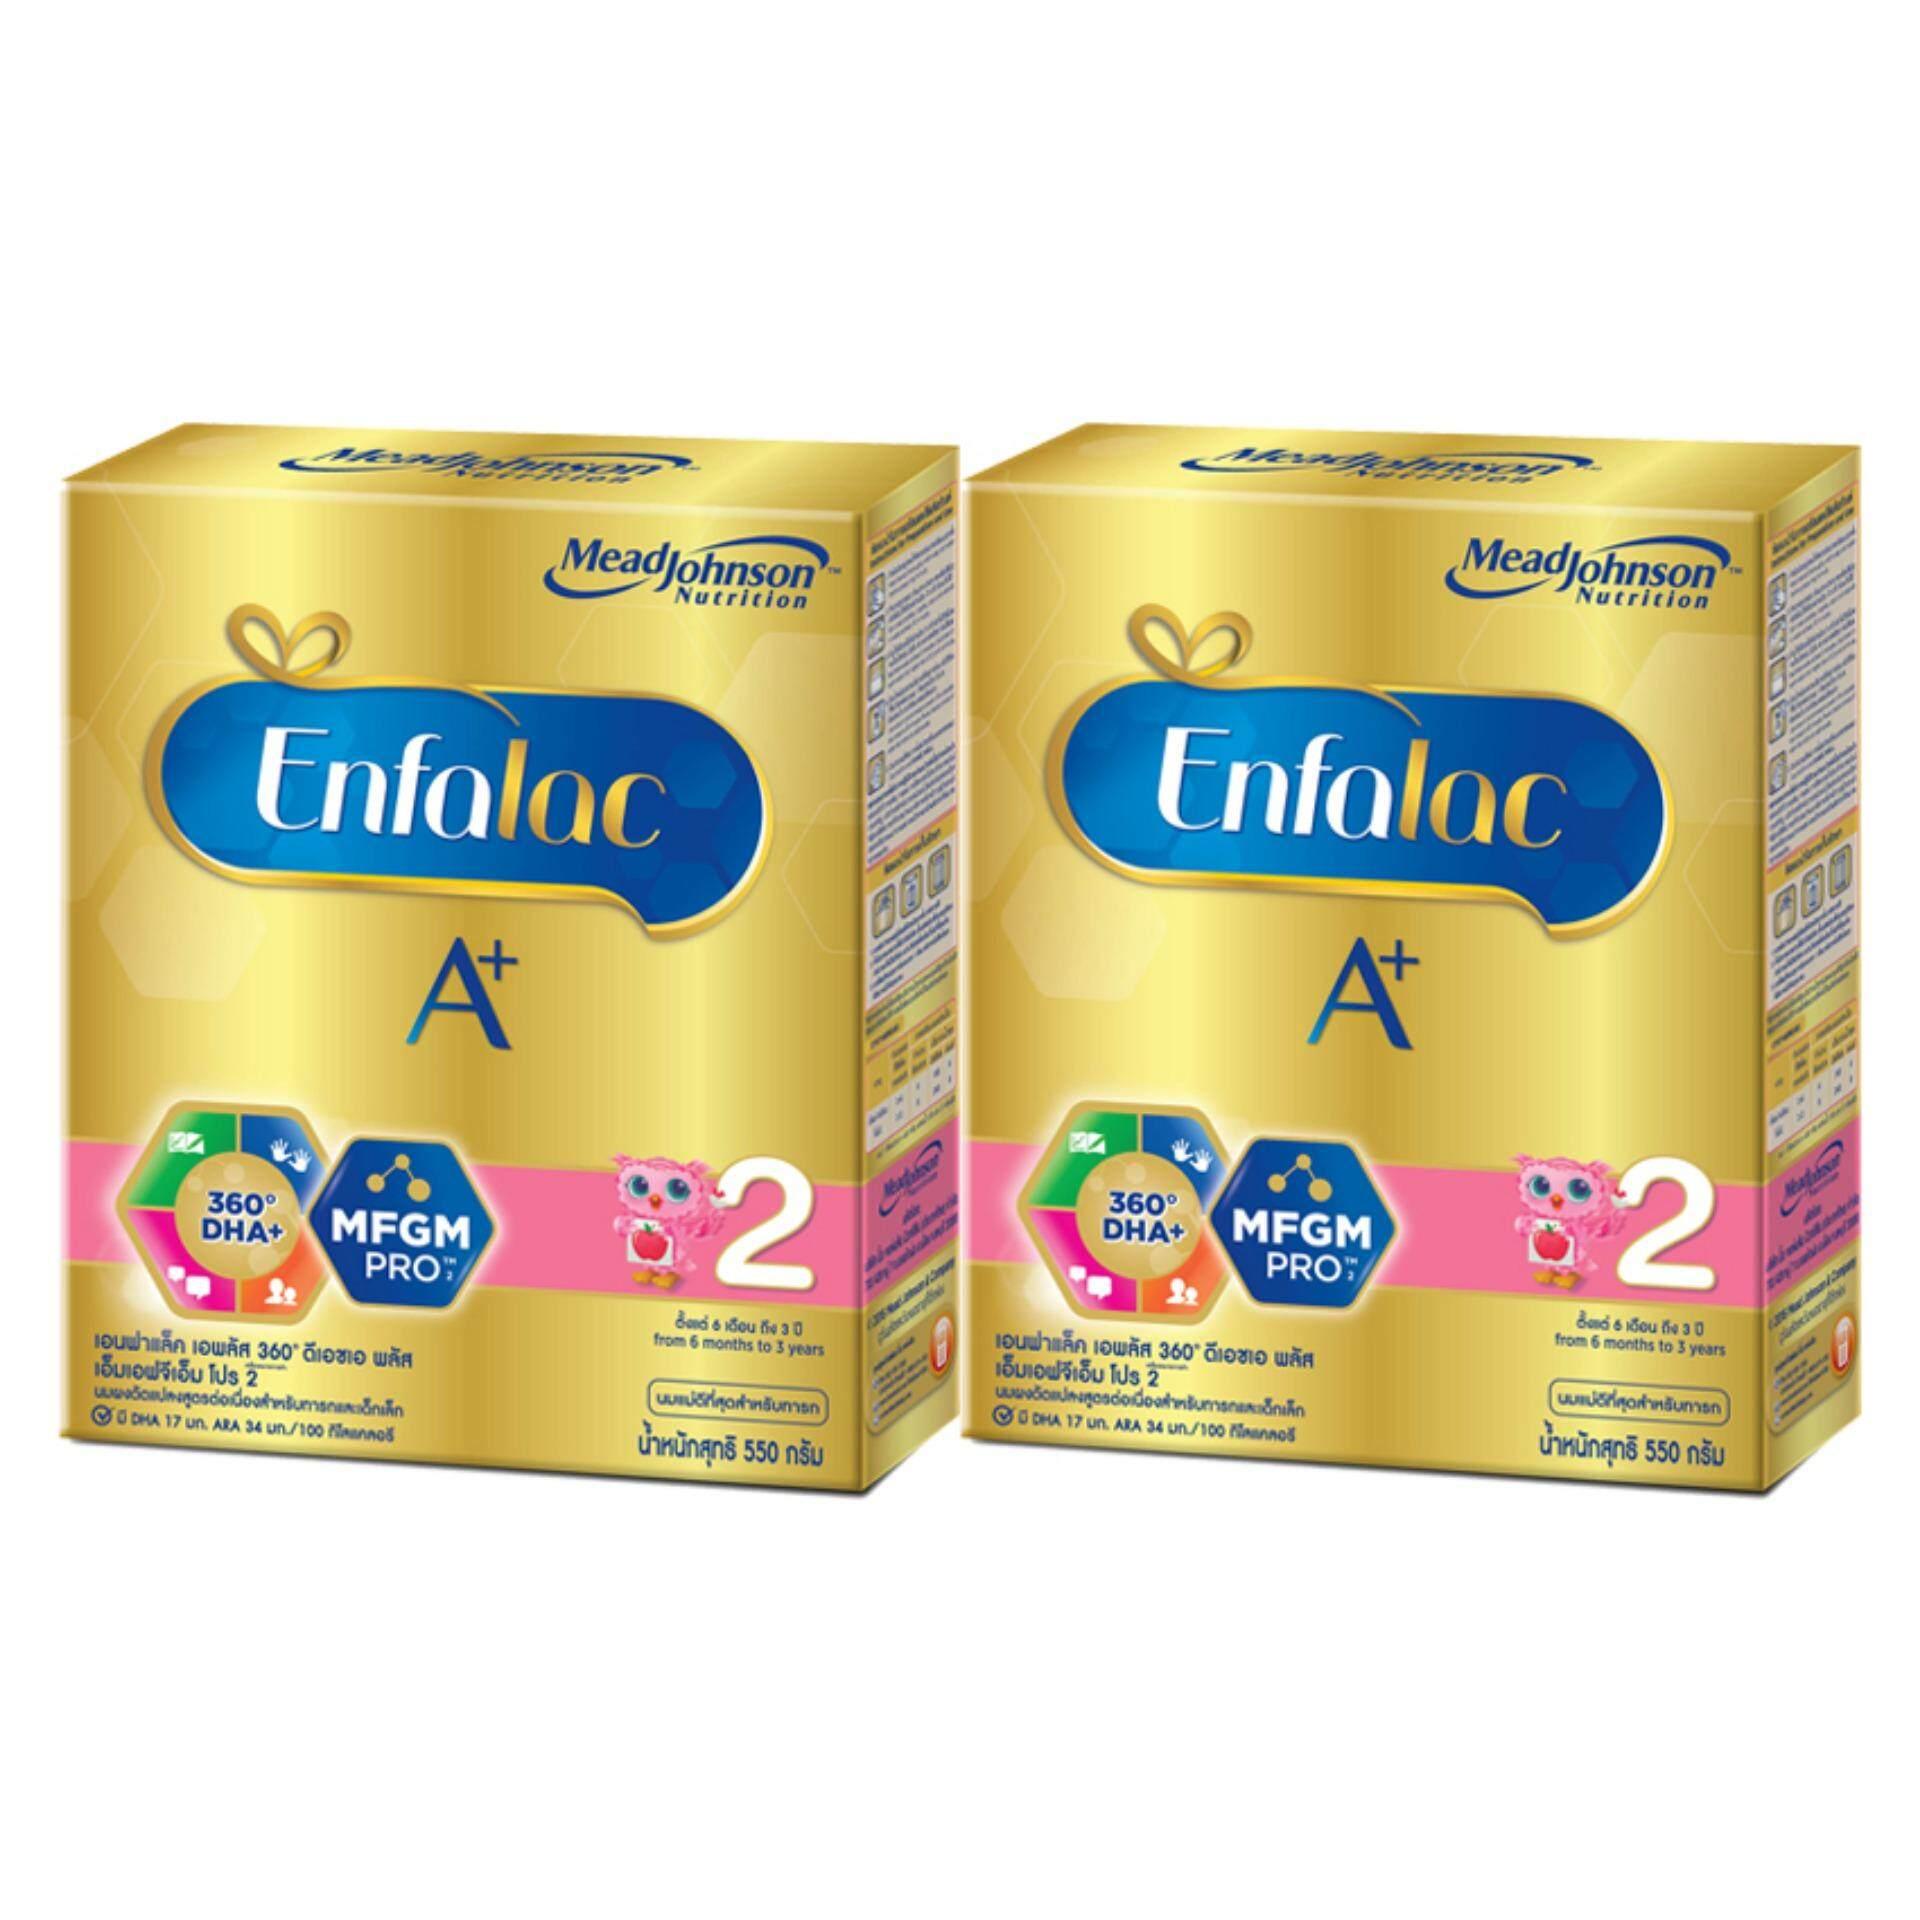 แนะนำ ENFALAC เอนฟาแลค นมผงสำหรับเด็ก ช่วงวัยที่ 2 เอพลัส 360ํ ดีเอชเอพลัส เอ็มเอฟจีเอ็ม โปร 550กรัม (แพ็ค 2 กล่อง)